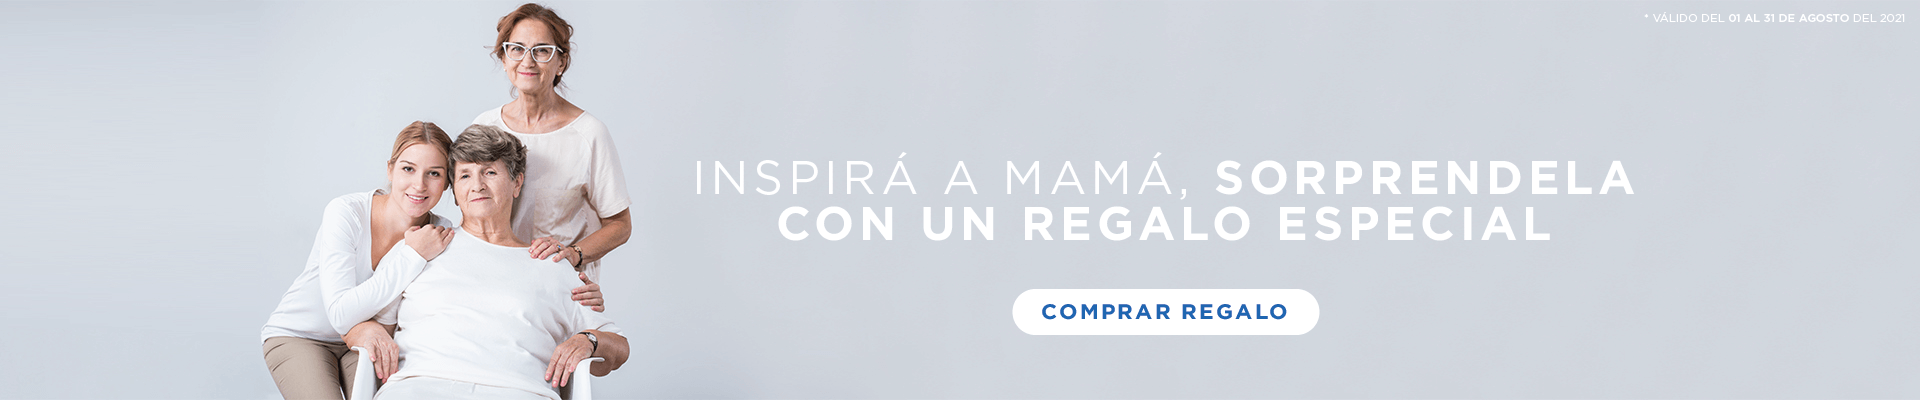 INSPIRÁ A MAMÁ